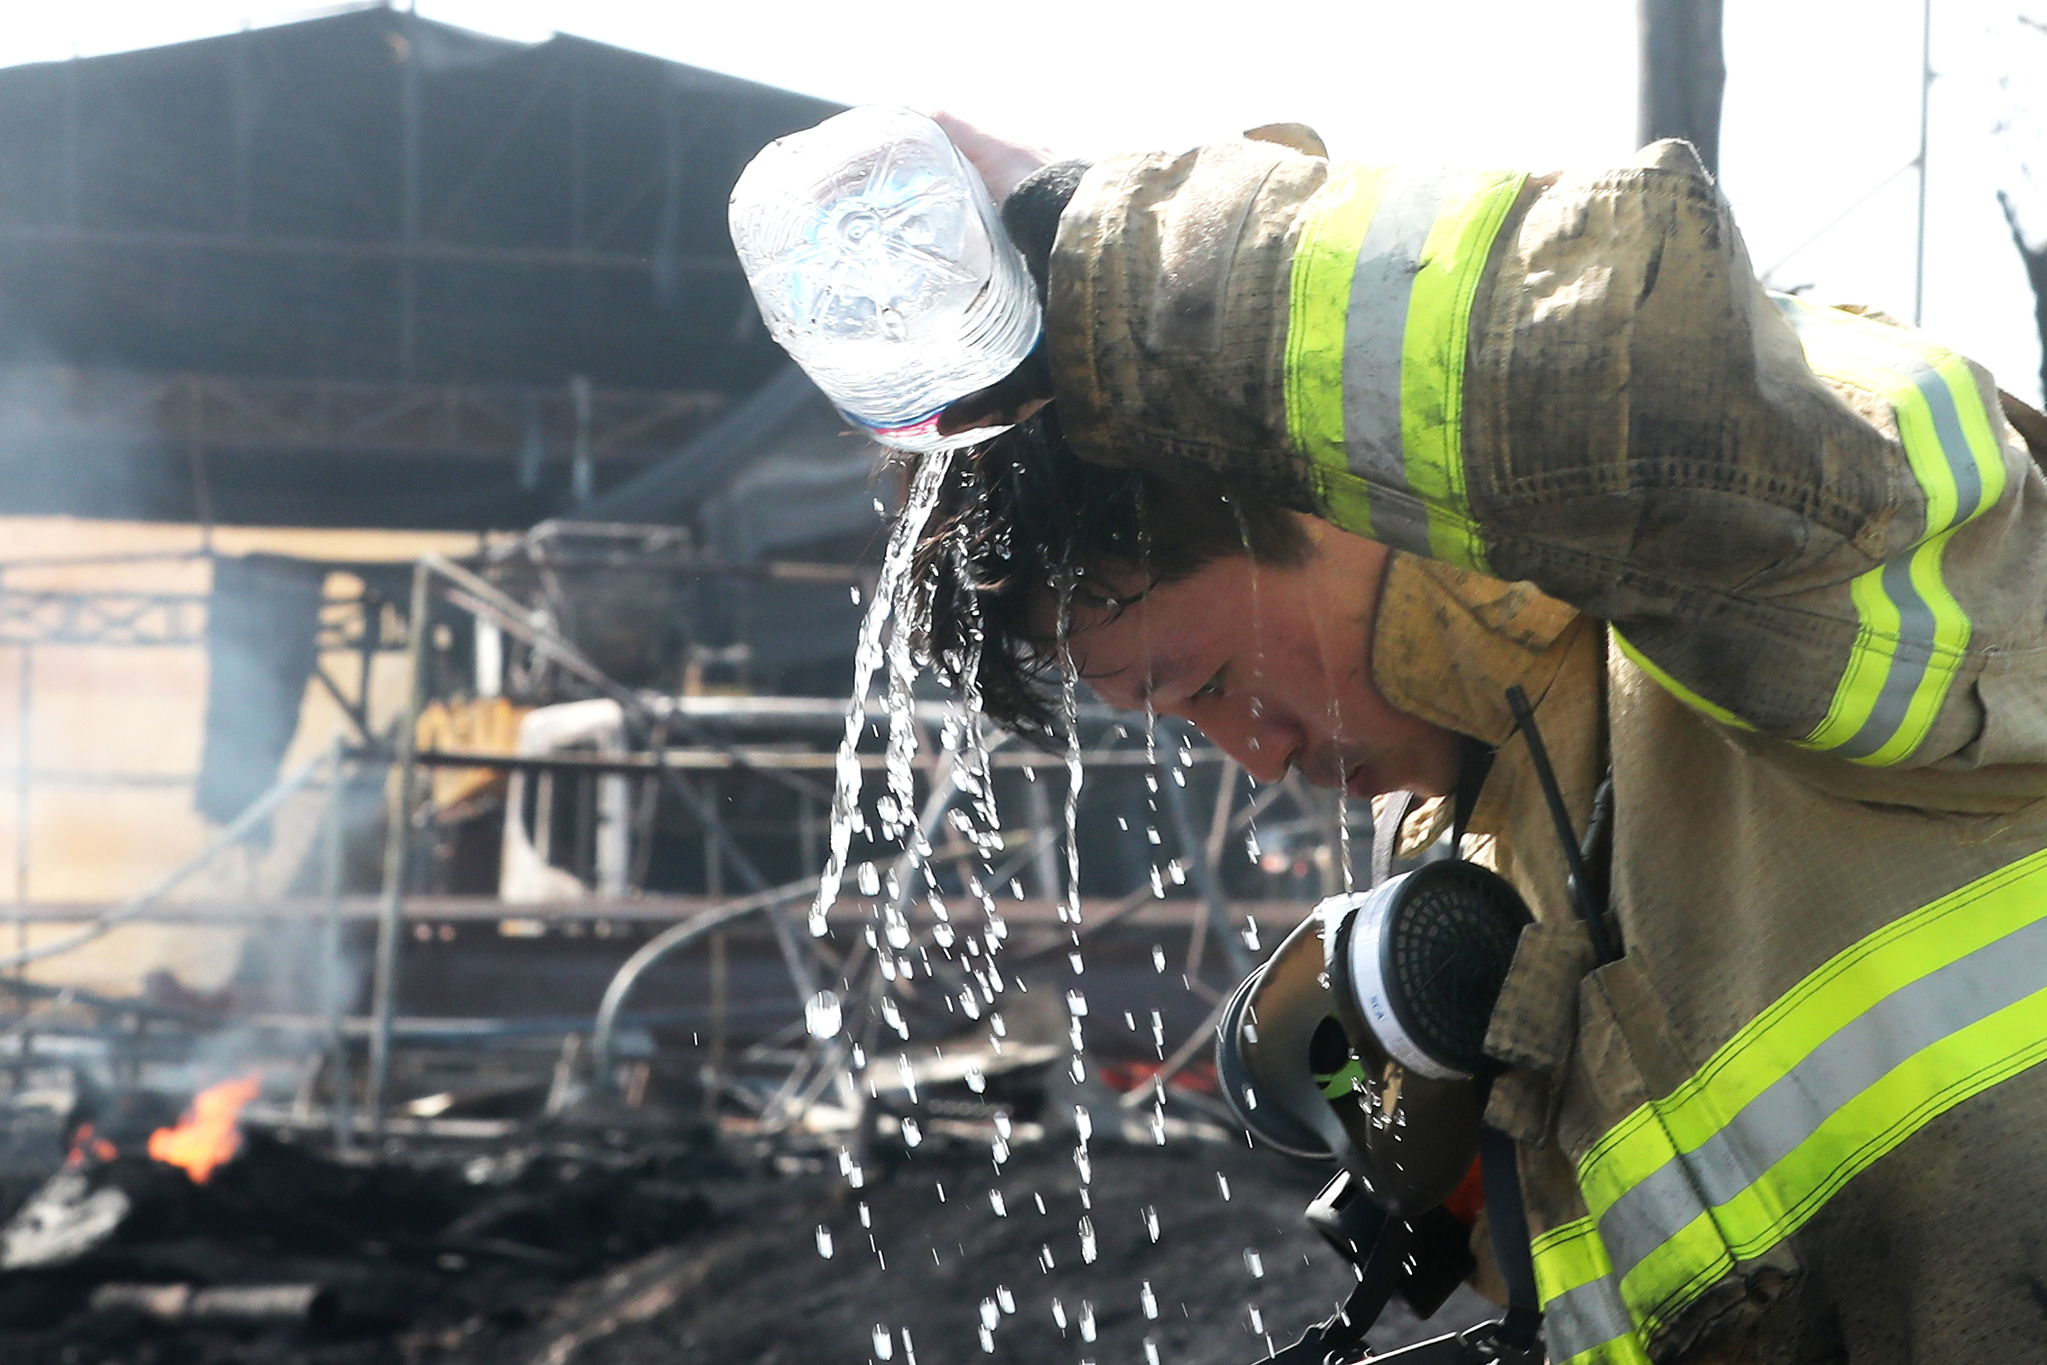 119안전센터 소방대원이 화재 현장 정리를 마치고 물로 더위를 식히고 있다. [뉴스1]